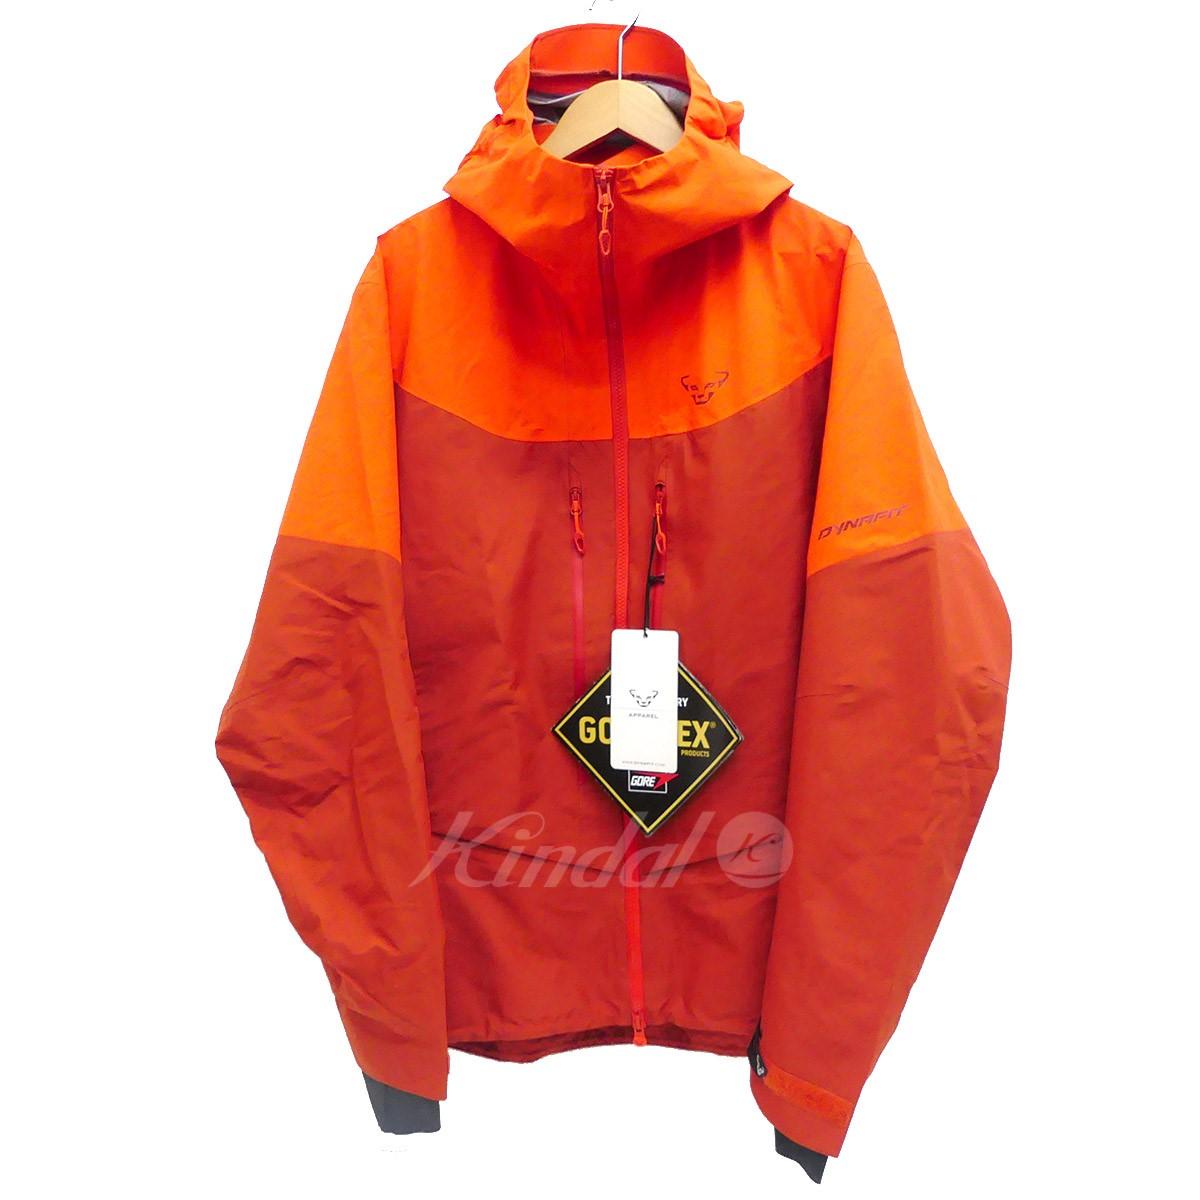 【中古】DYNAFIT マウンテンパーカー YOTEI GTX M JACKET オレンジ サイズ:L 【160519】(ディナフィット)